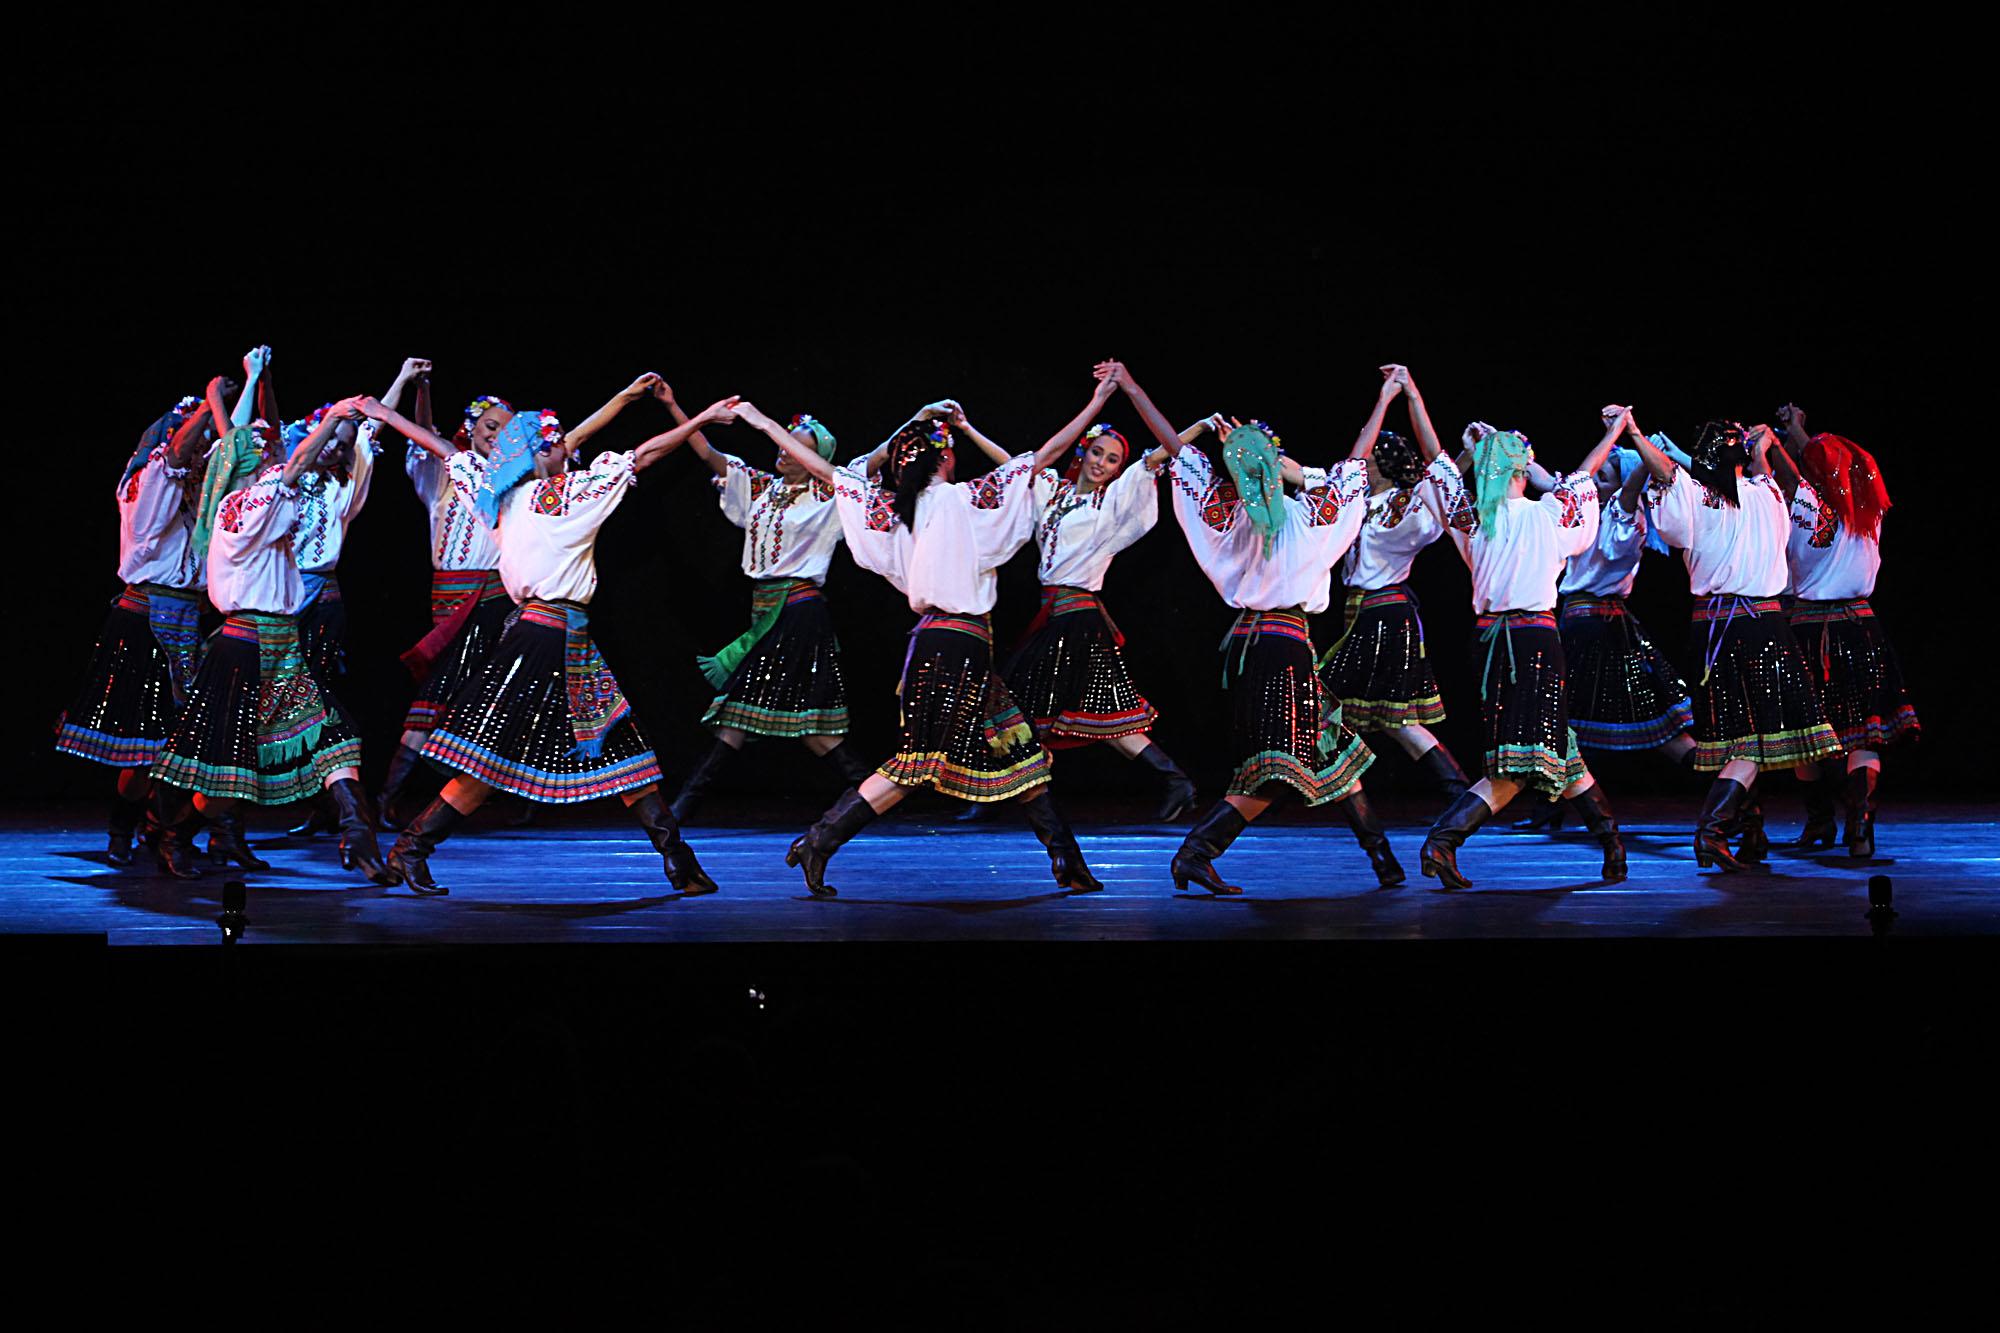 Pada 1920-an sampai awal 1930-an, Moiseyev menjadi bagian orang-orang yang membentuk model tarian terbaru sebelum usahanya ini dihentikan oleh pemerintahan Joseph Stalin yang menekankan Sosialisme-Realisme. Setelah itu, Moiseyev mulai membuat koreografinya sendiri dan membuat beberapa gerakan balet untuk anak-anak di Teater Bolshoi.